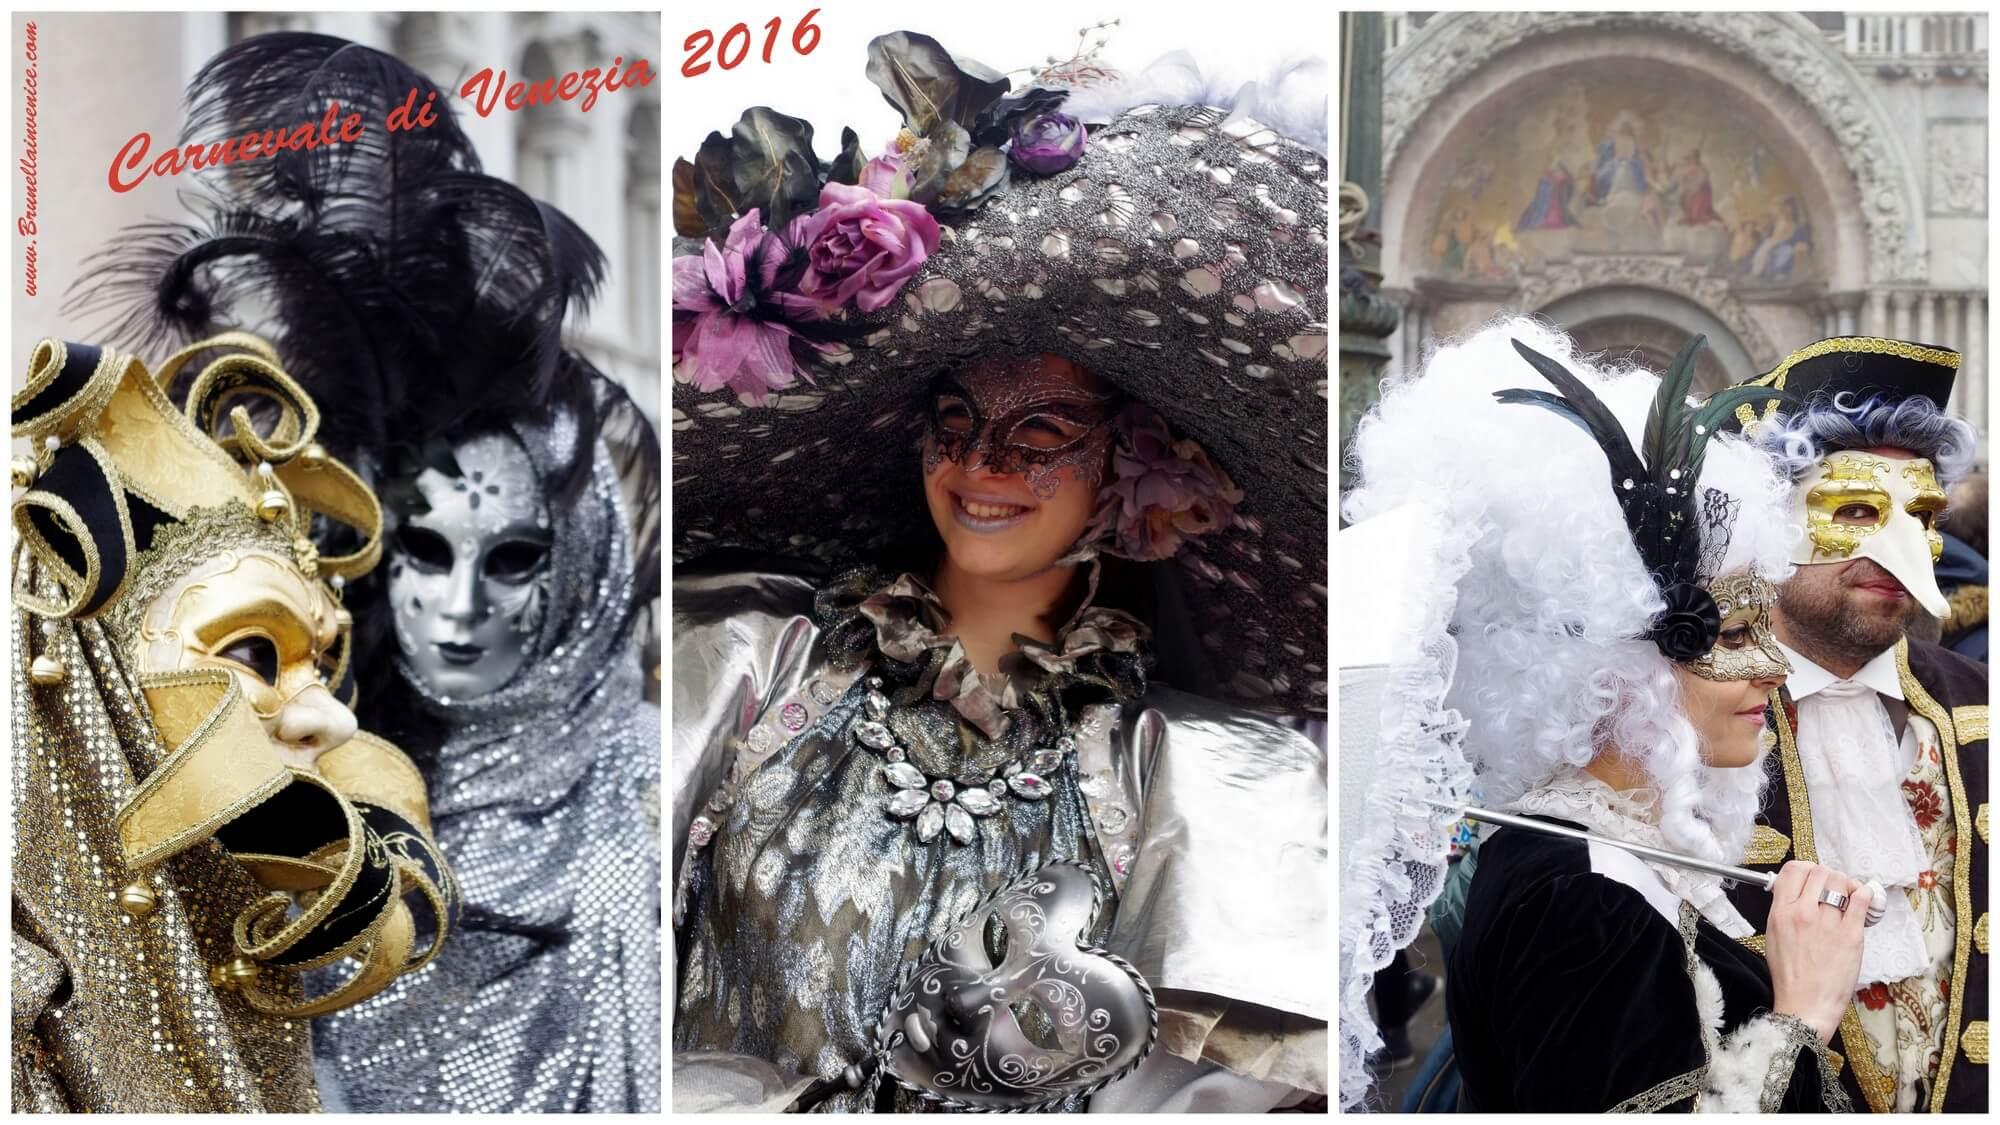 carnevale-di-venezia-2016-4